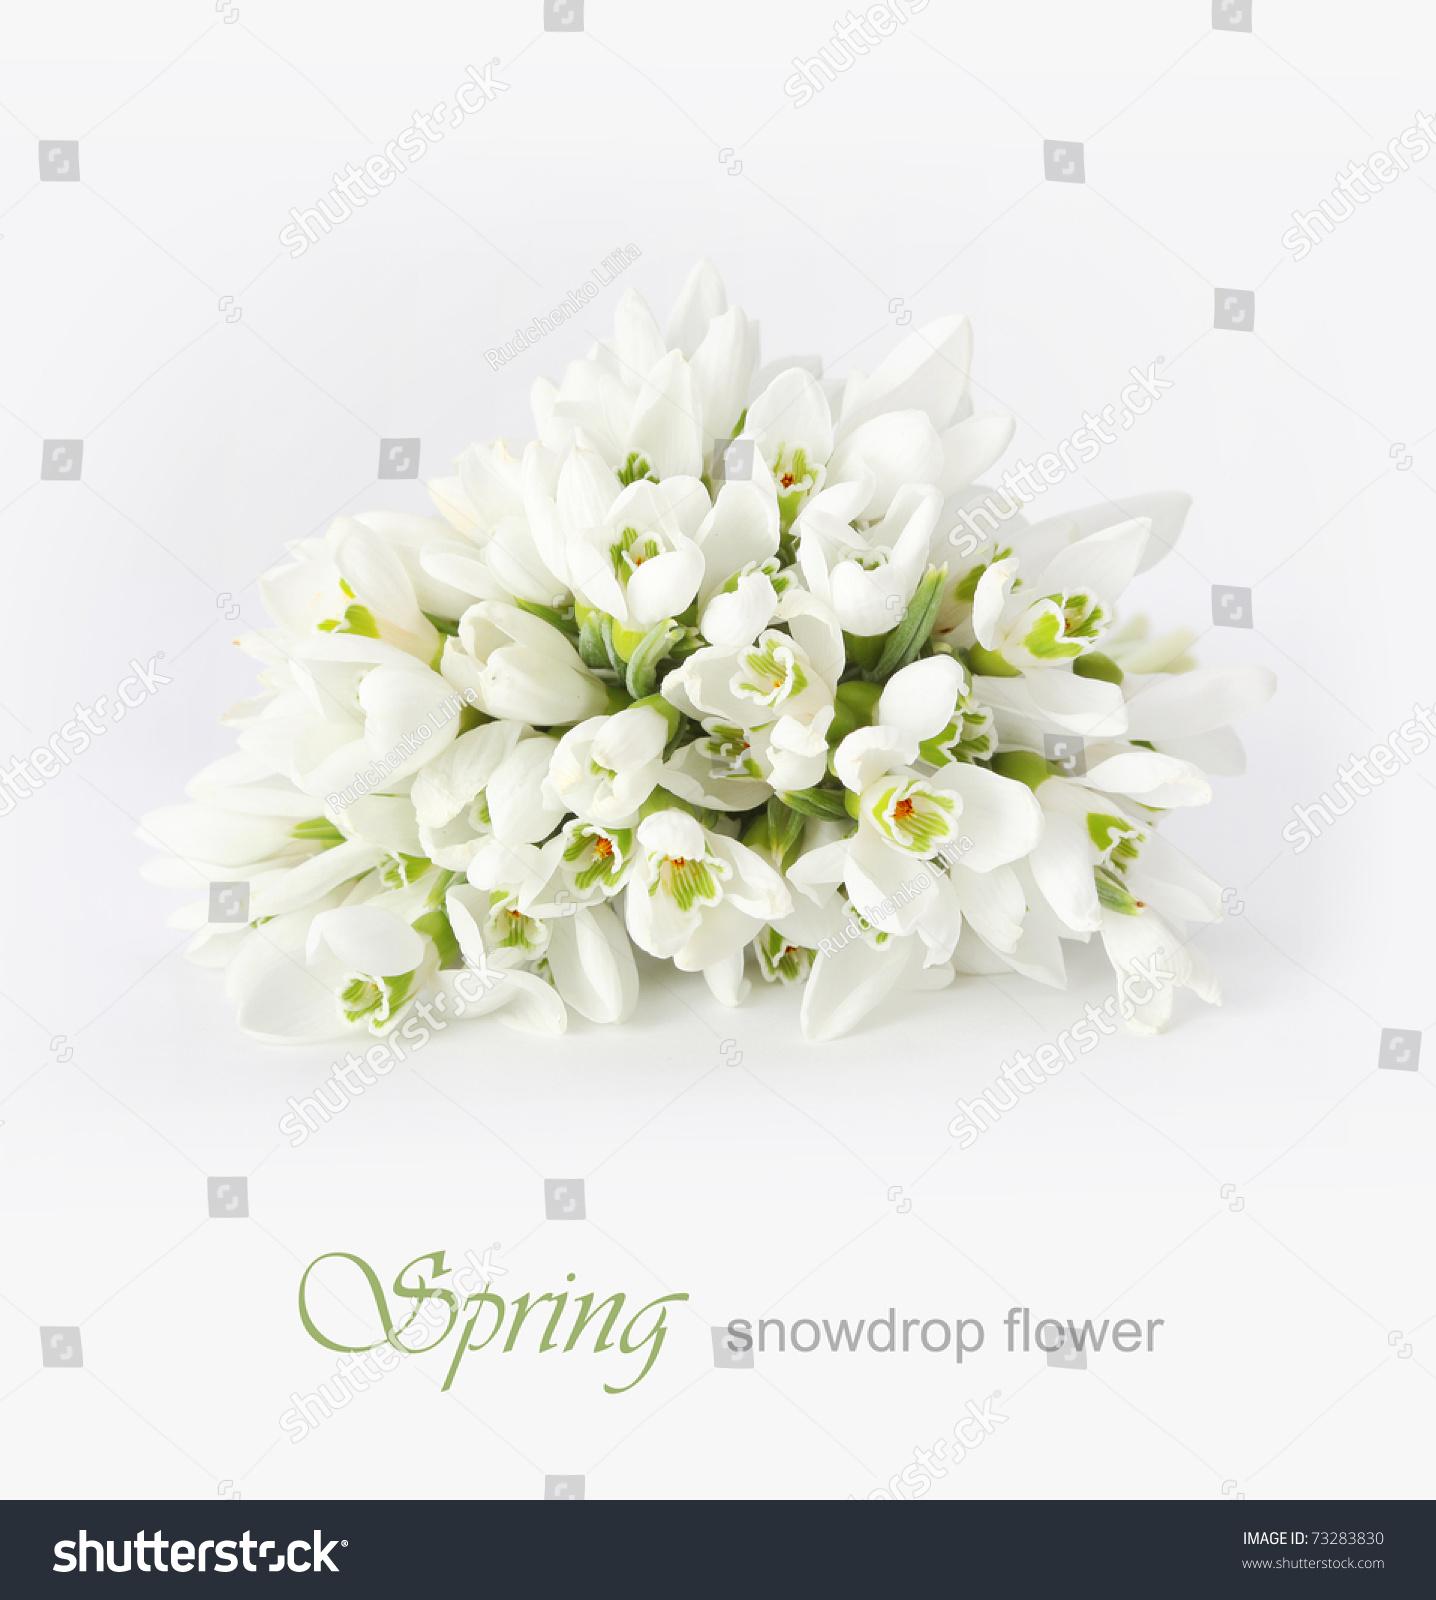 鲜花网页背景素材